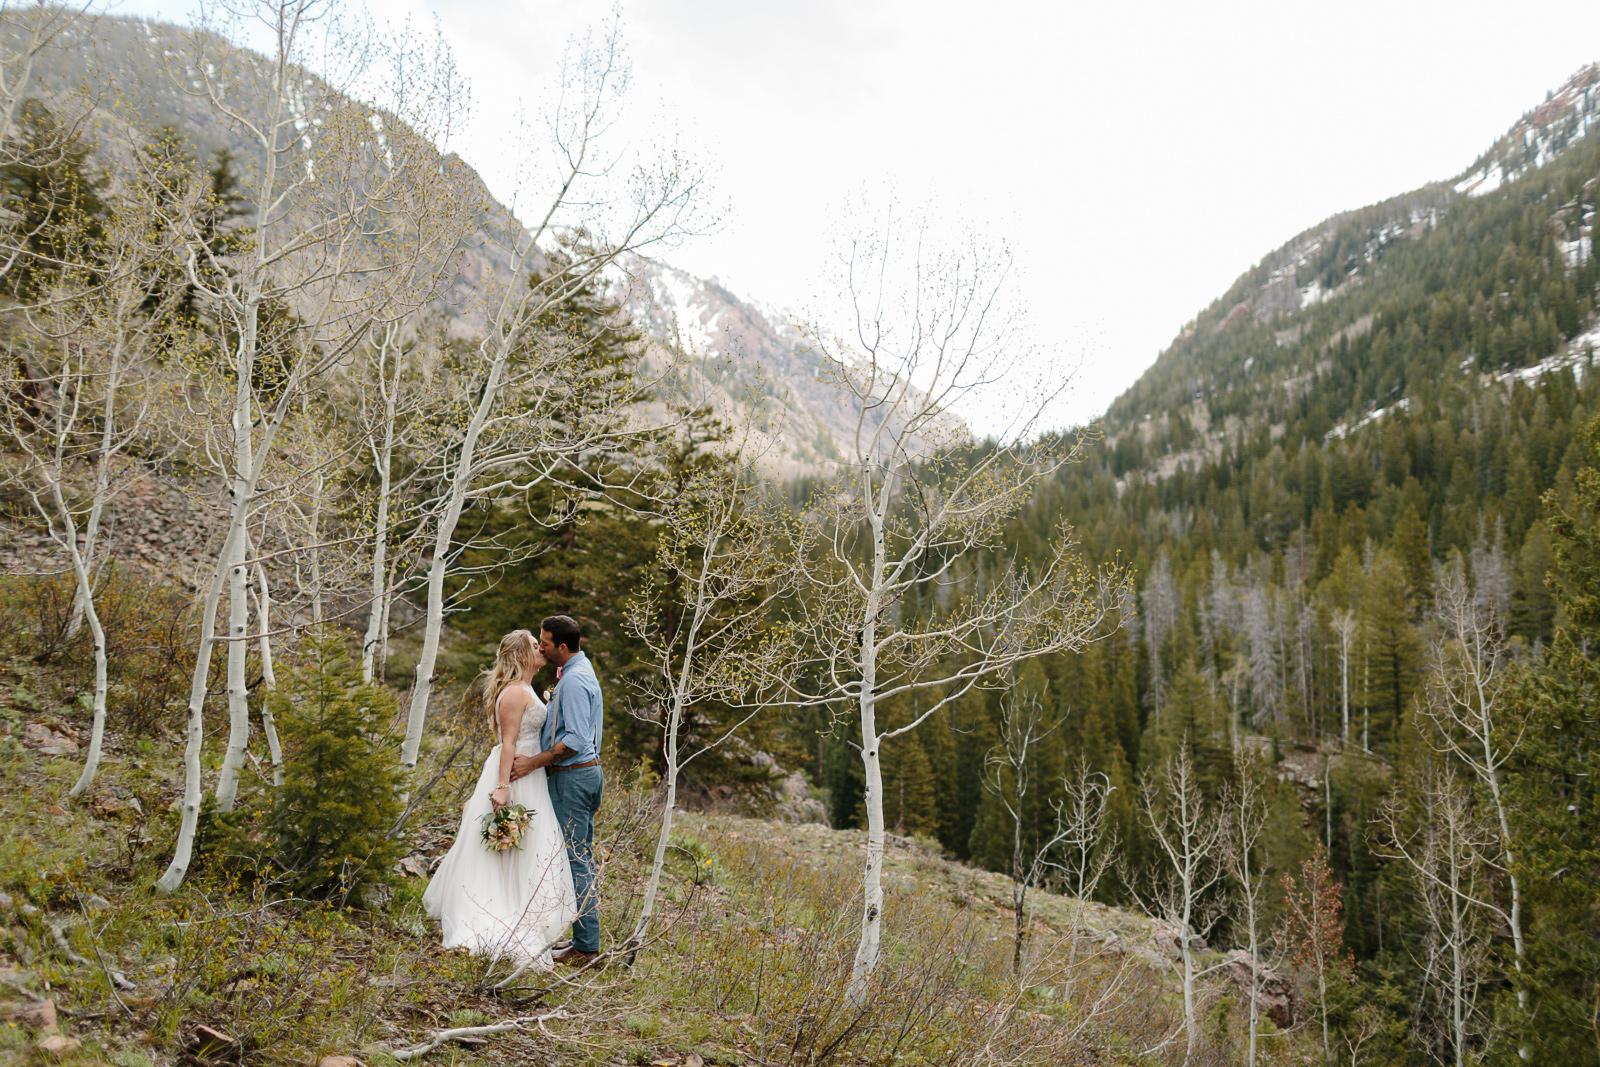 057-vail-elopement-photographer-chris-and-tara.jpg